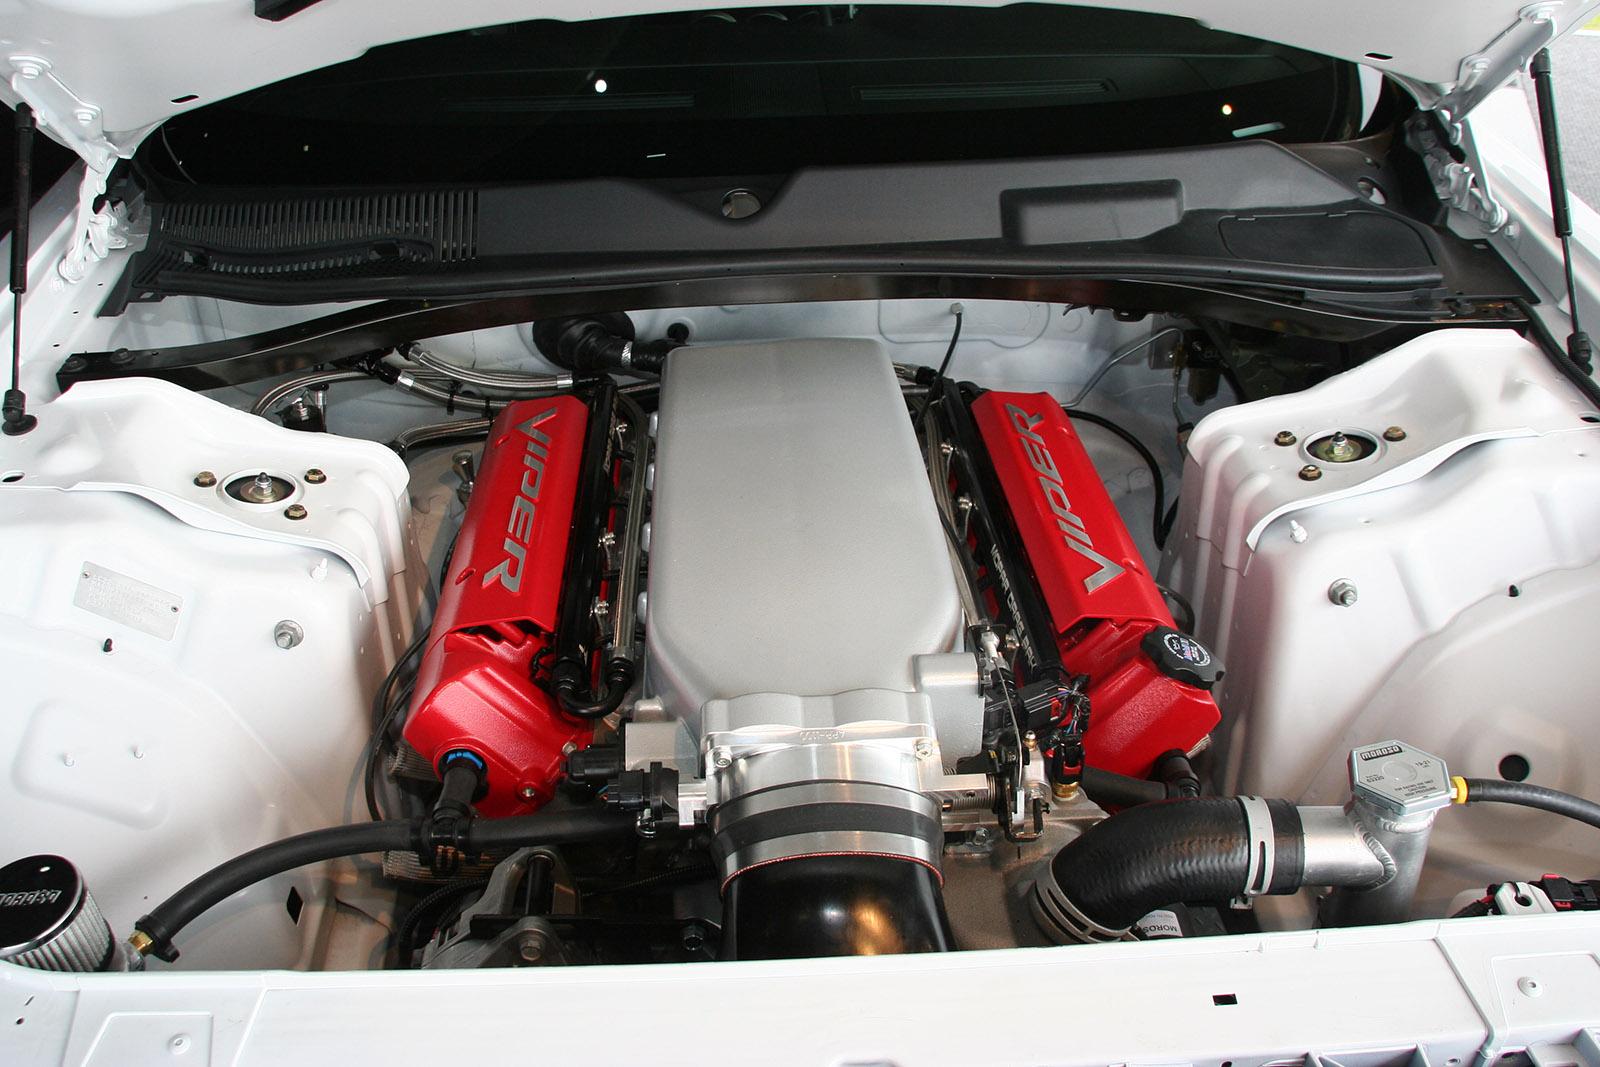 2011 challenger drag pak with a viper v10 engine swap depot rh engineswapdepot com Dodge Performance Transmissions Dodge 1500 Manual Transmission